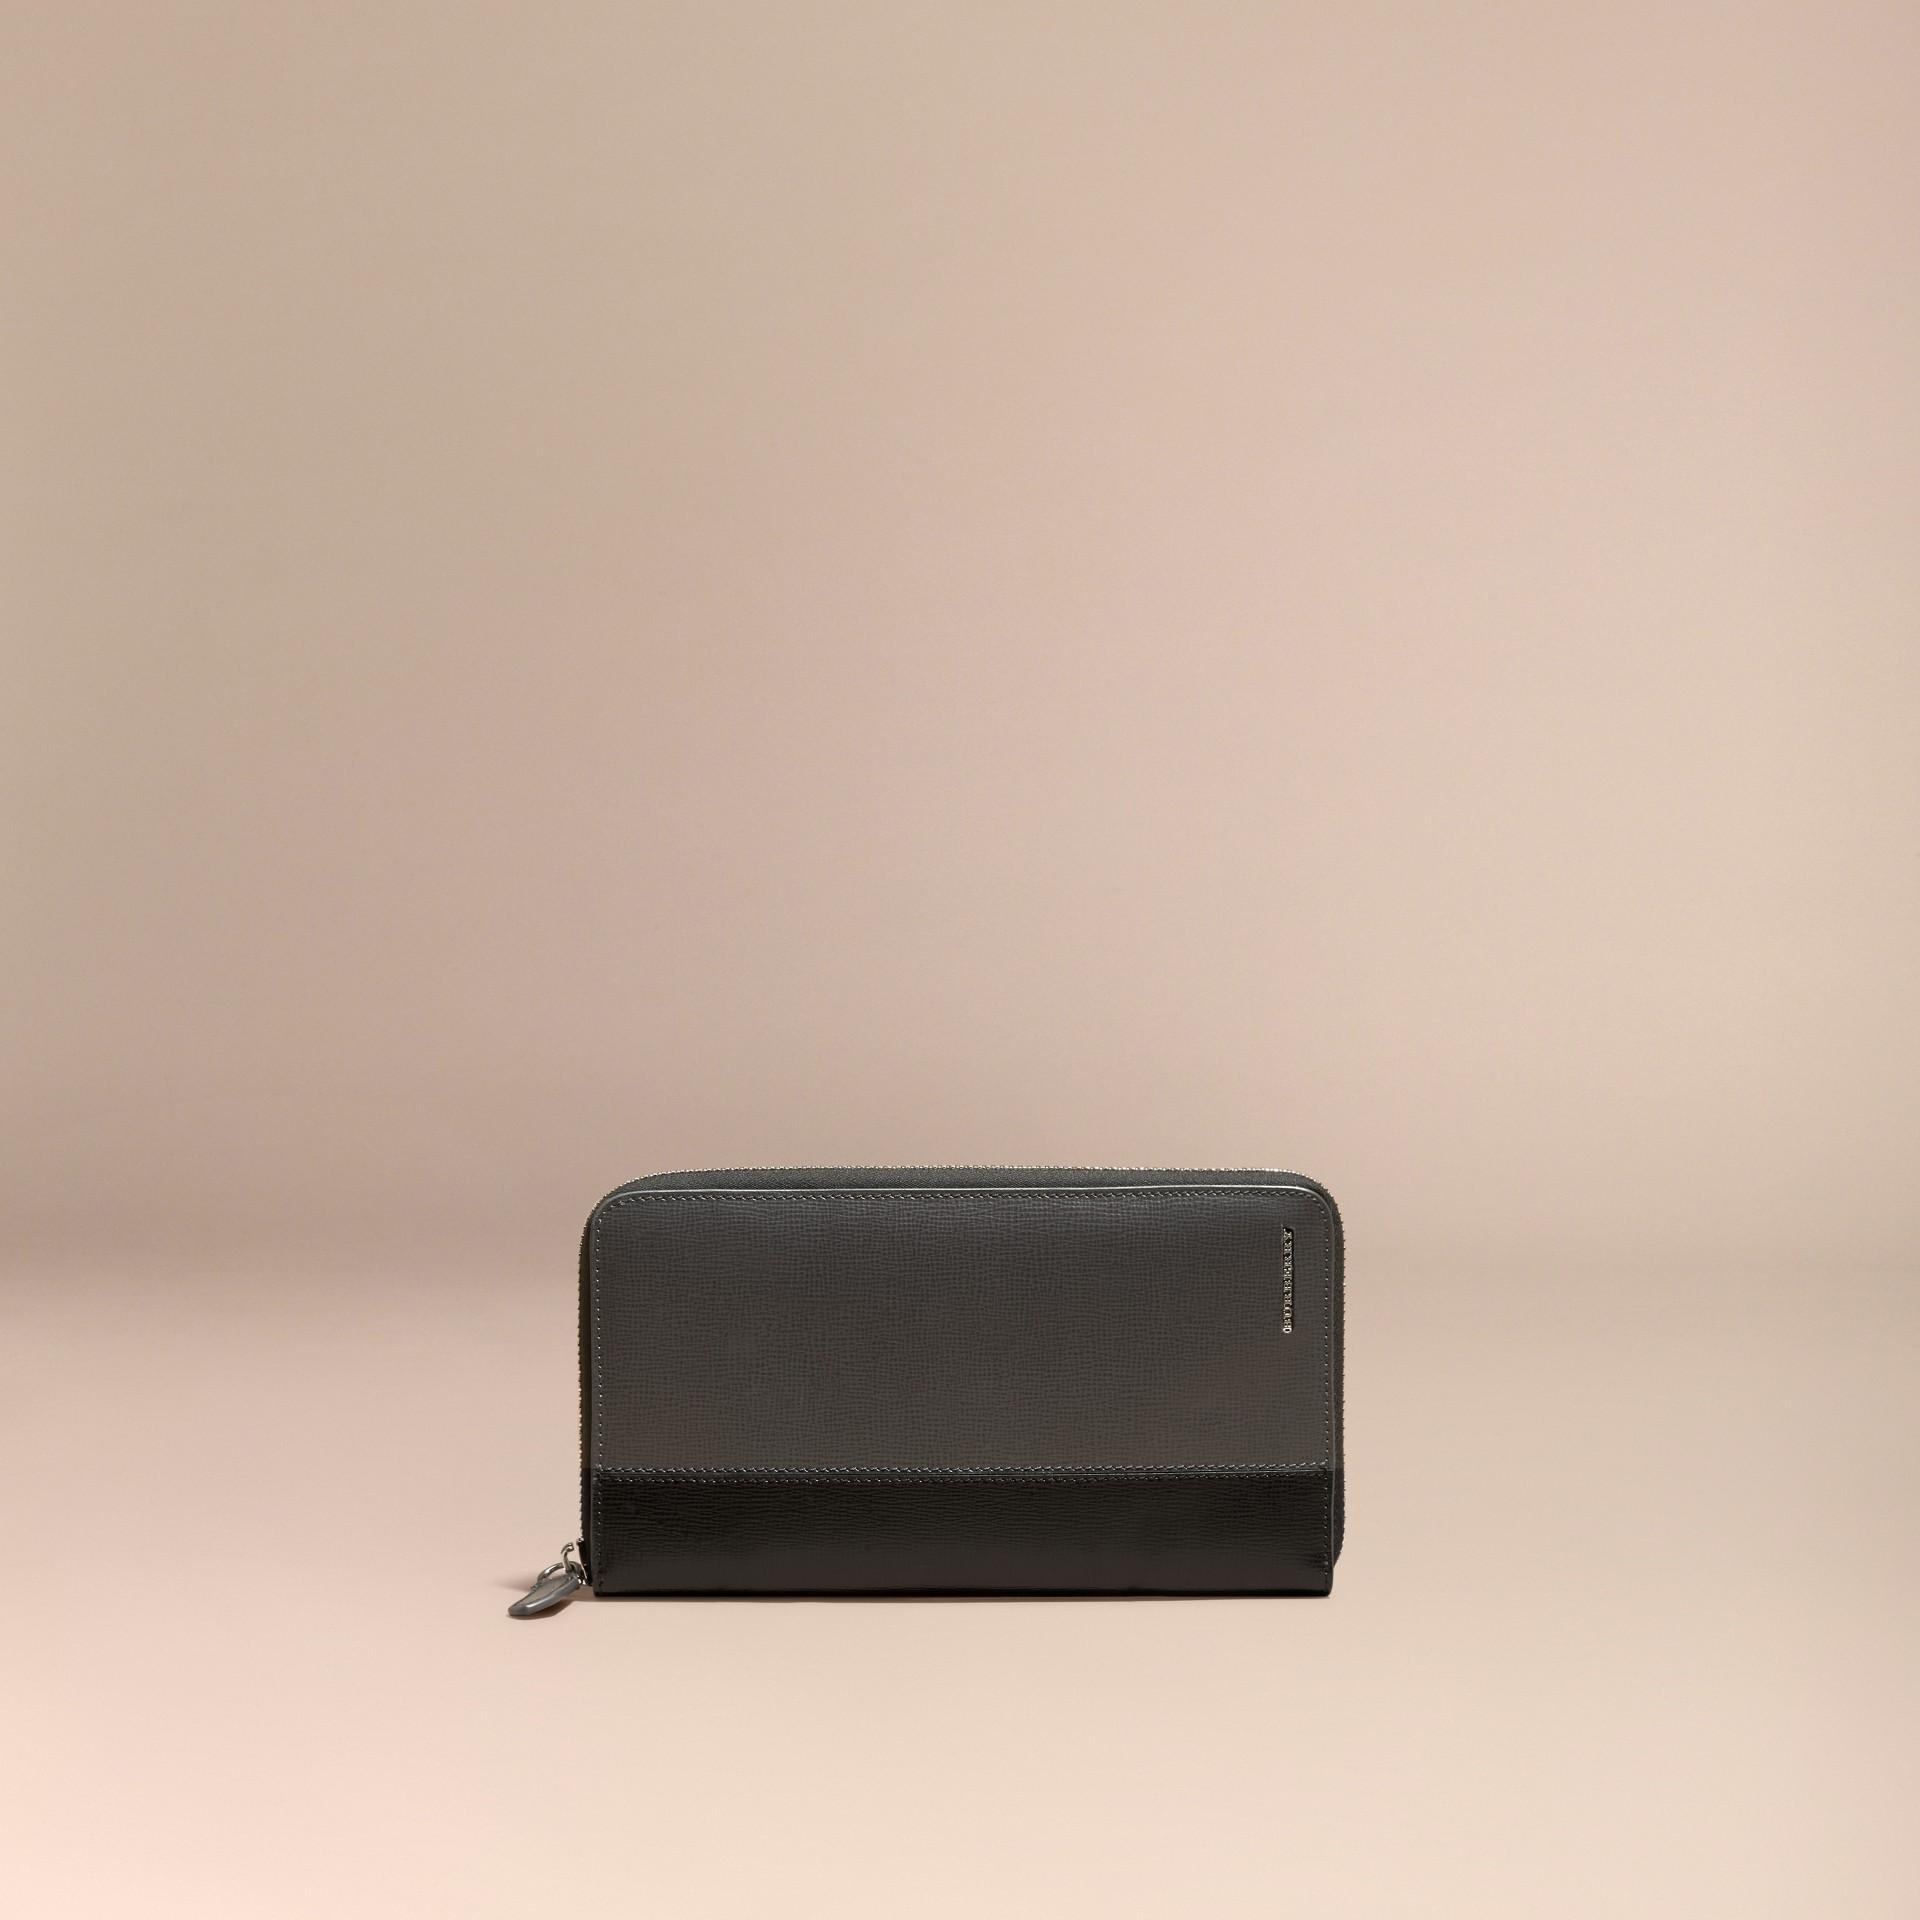 Anthracite/noir Portefeuille color-block à contour zippé en cuir London Anthracite/noir - photo de la galerie 6